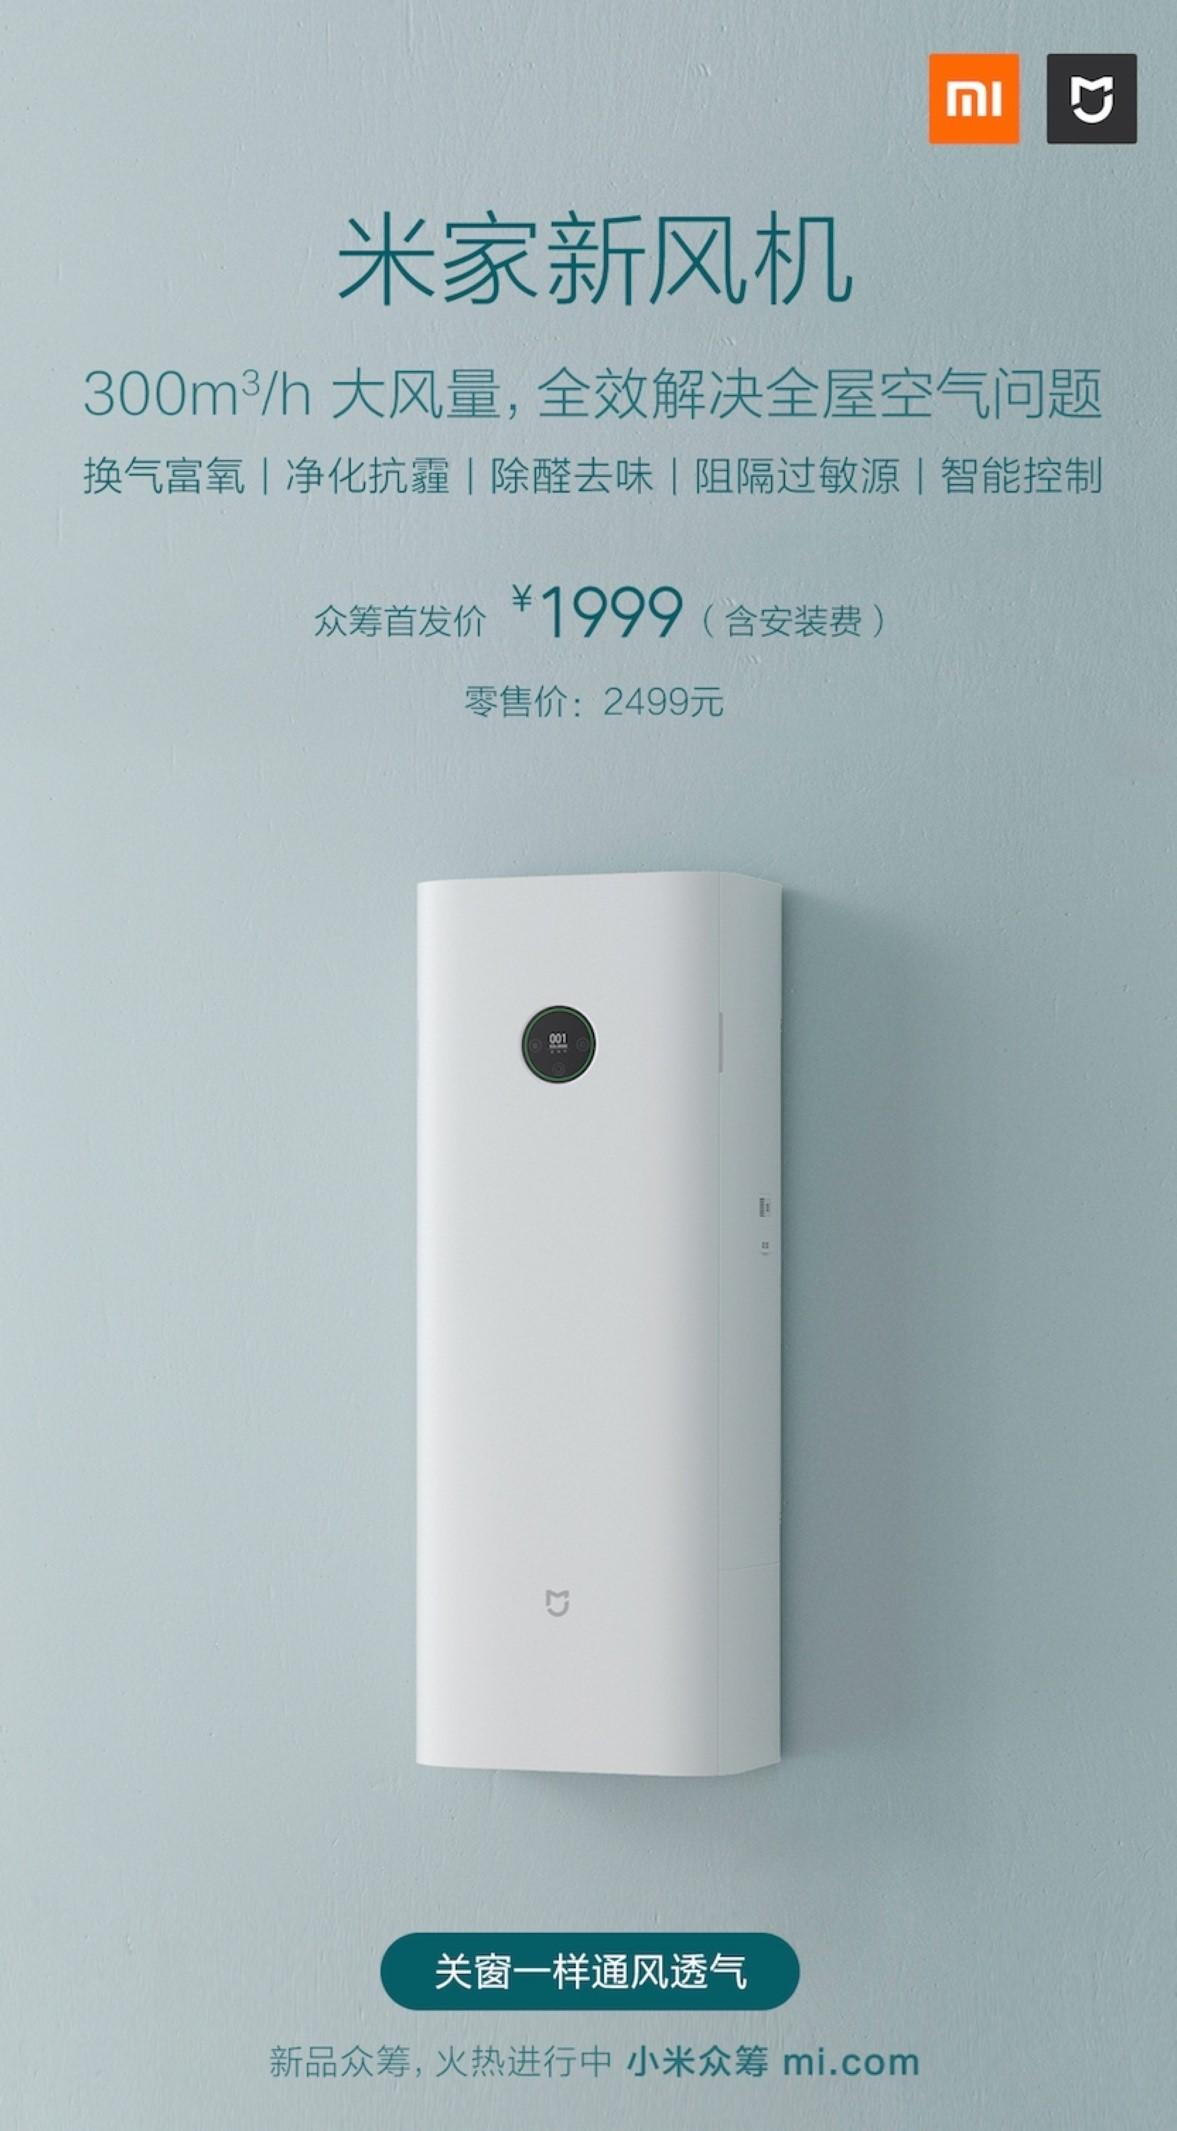 关窗一样通风换气 小米发布米家新风机众筹价1999元